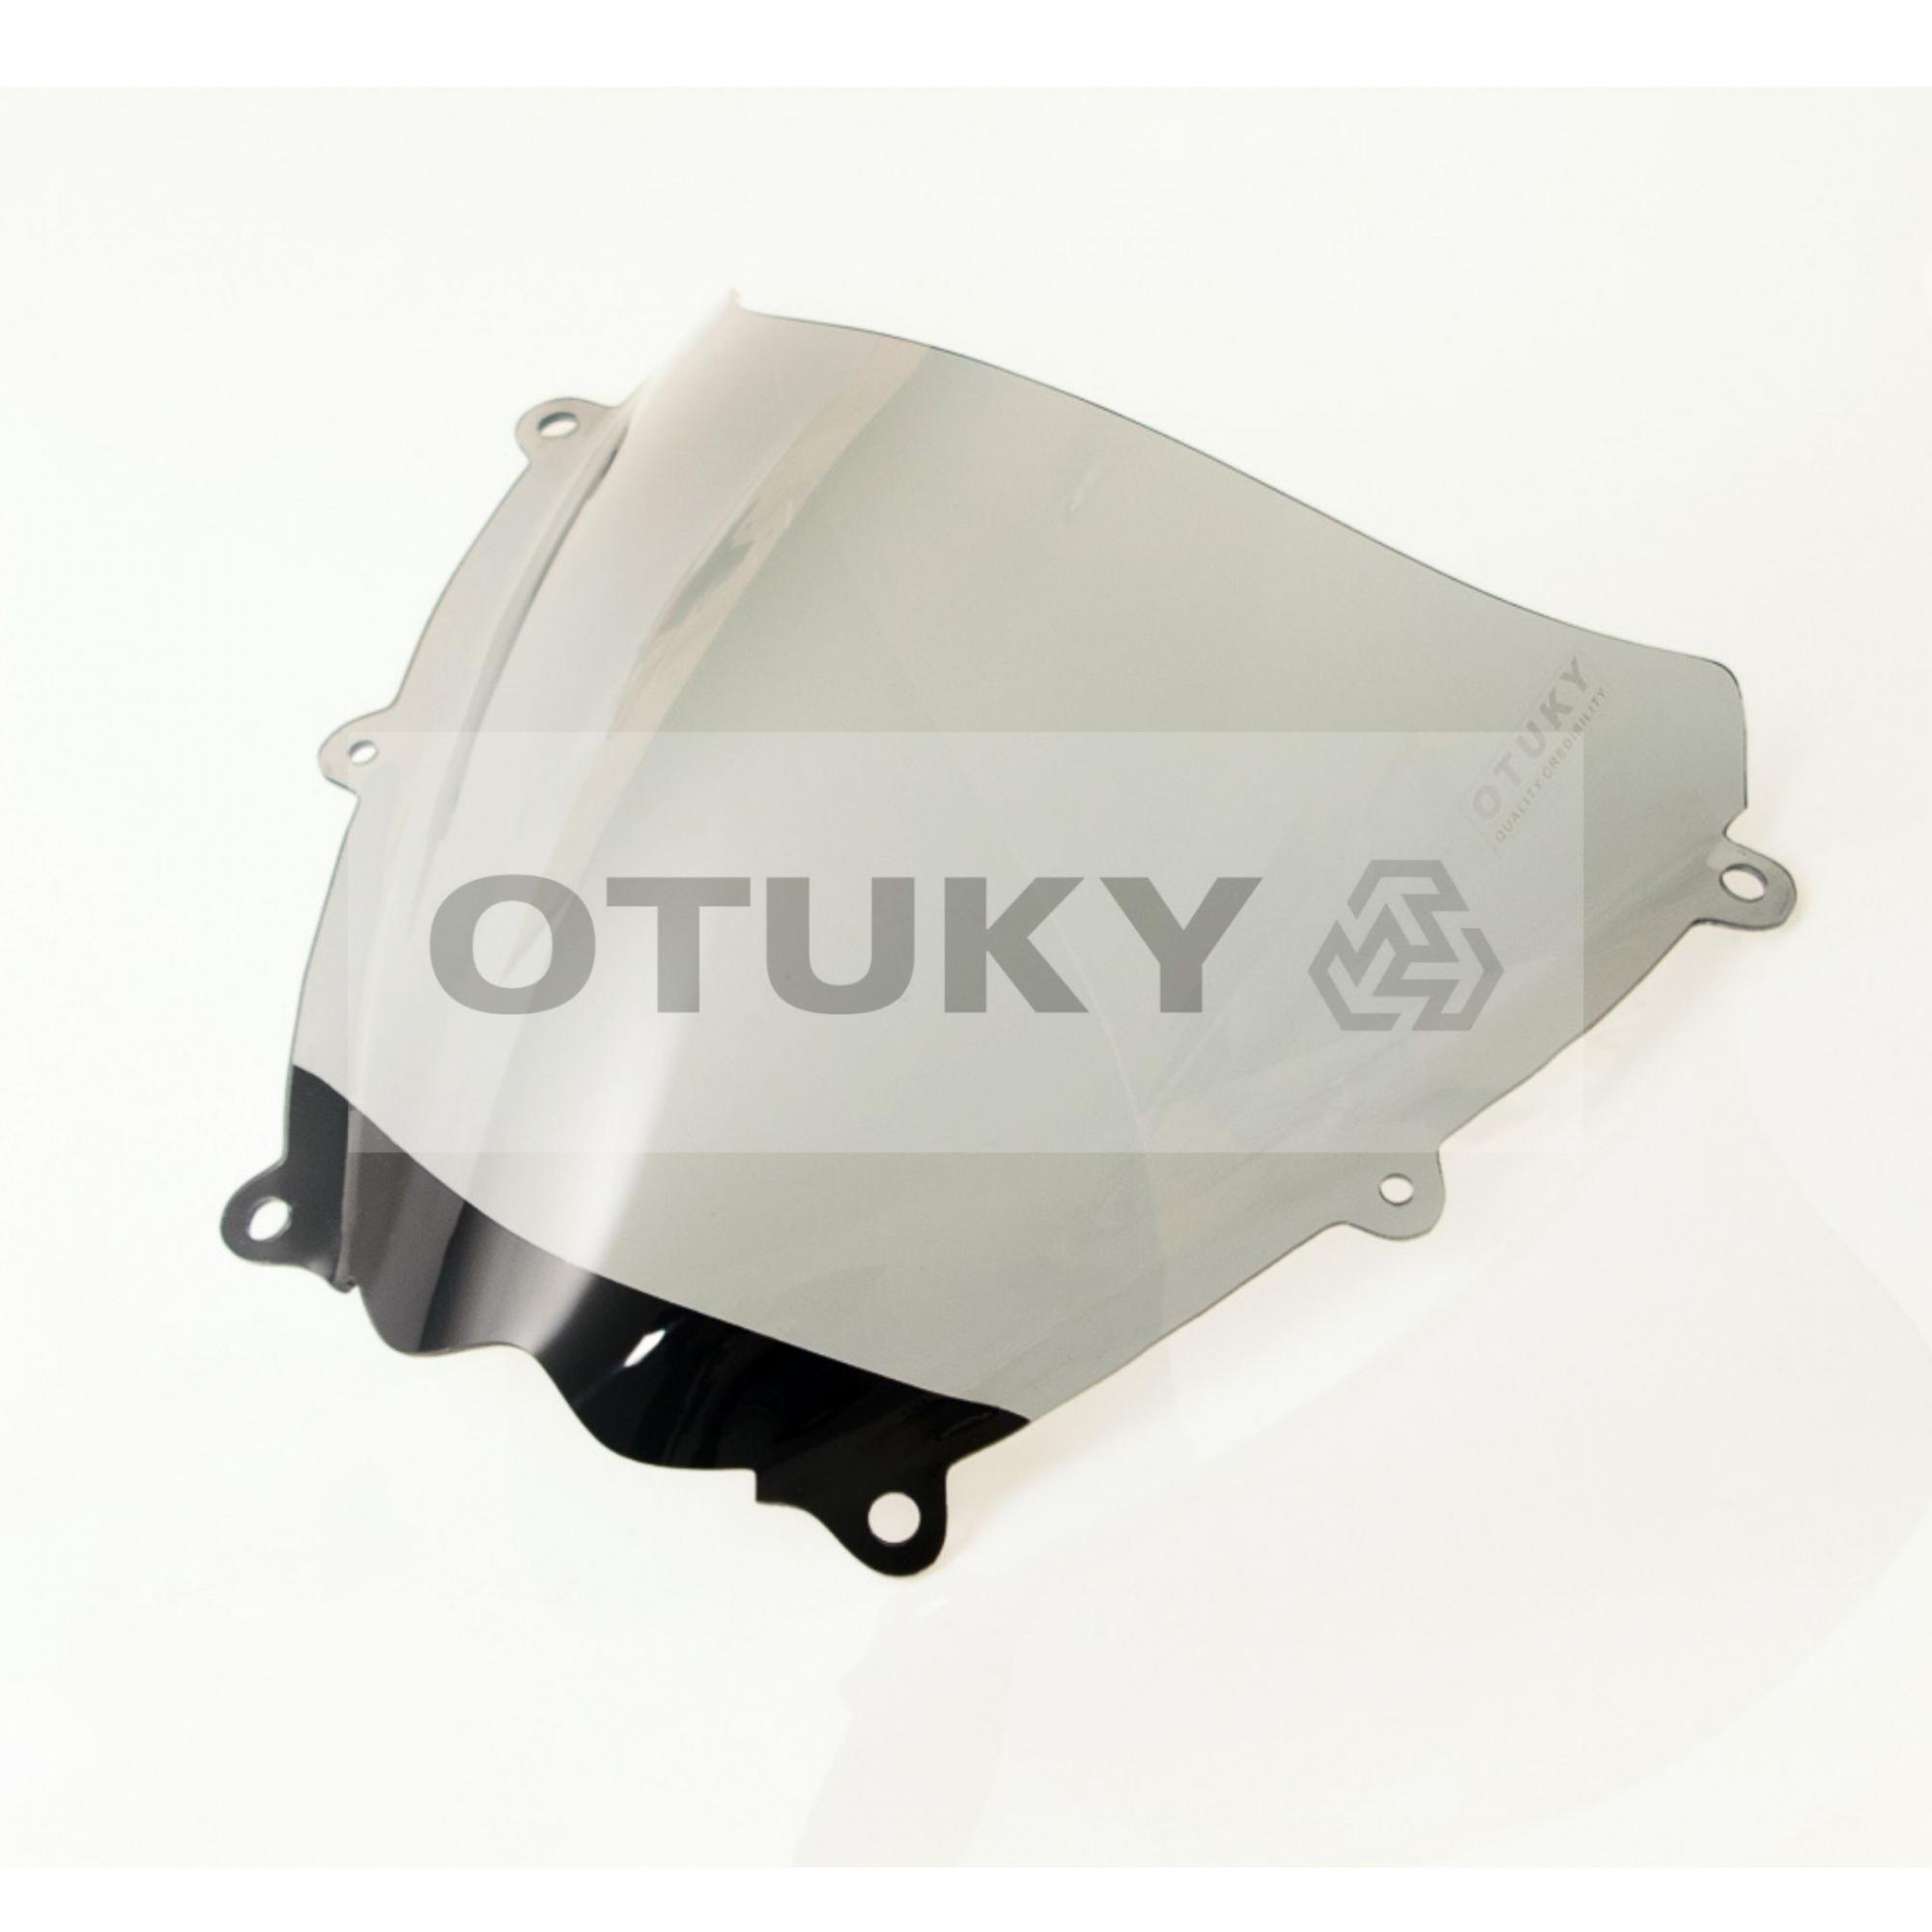 Bolha para Moto Srad 1000 Gsx-R 2008 2009 2010 Otuky